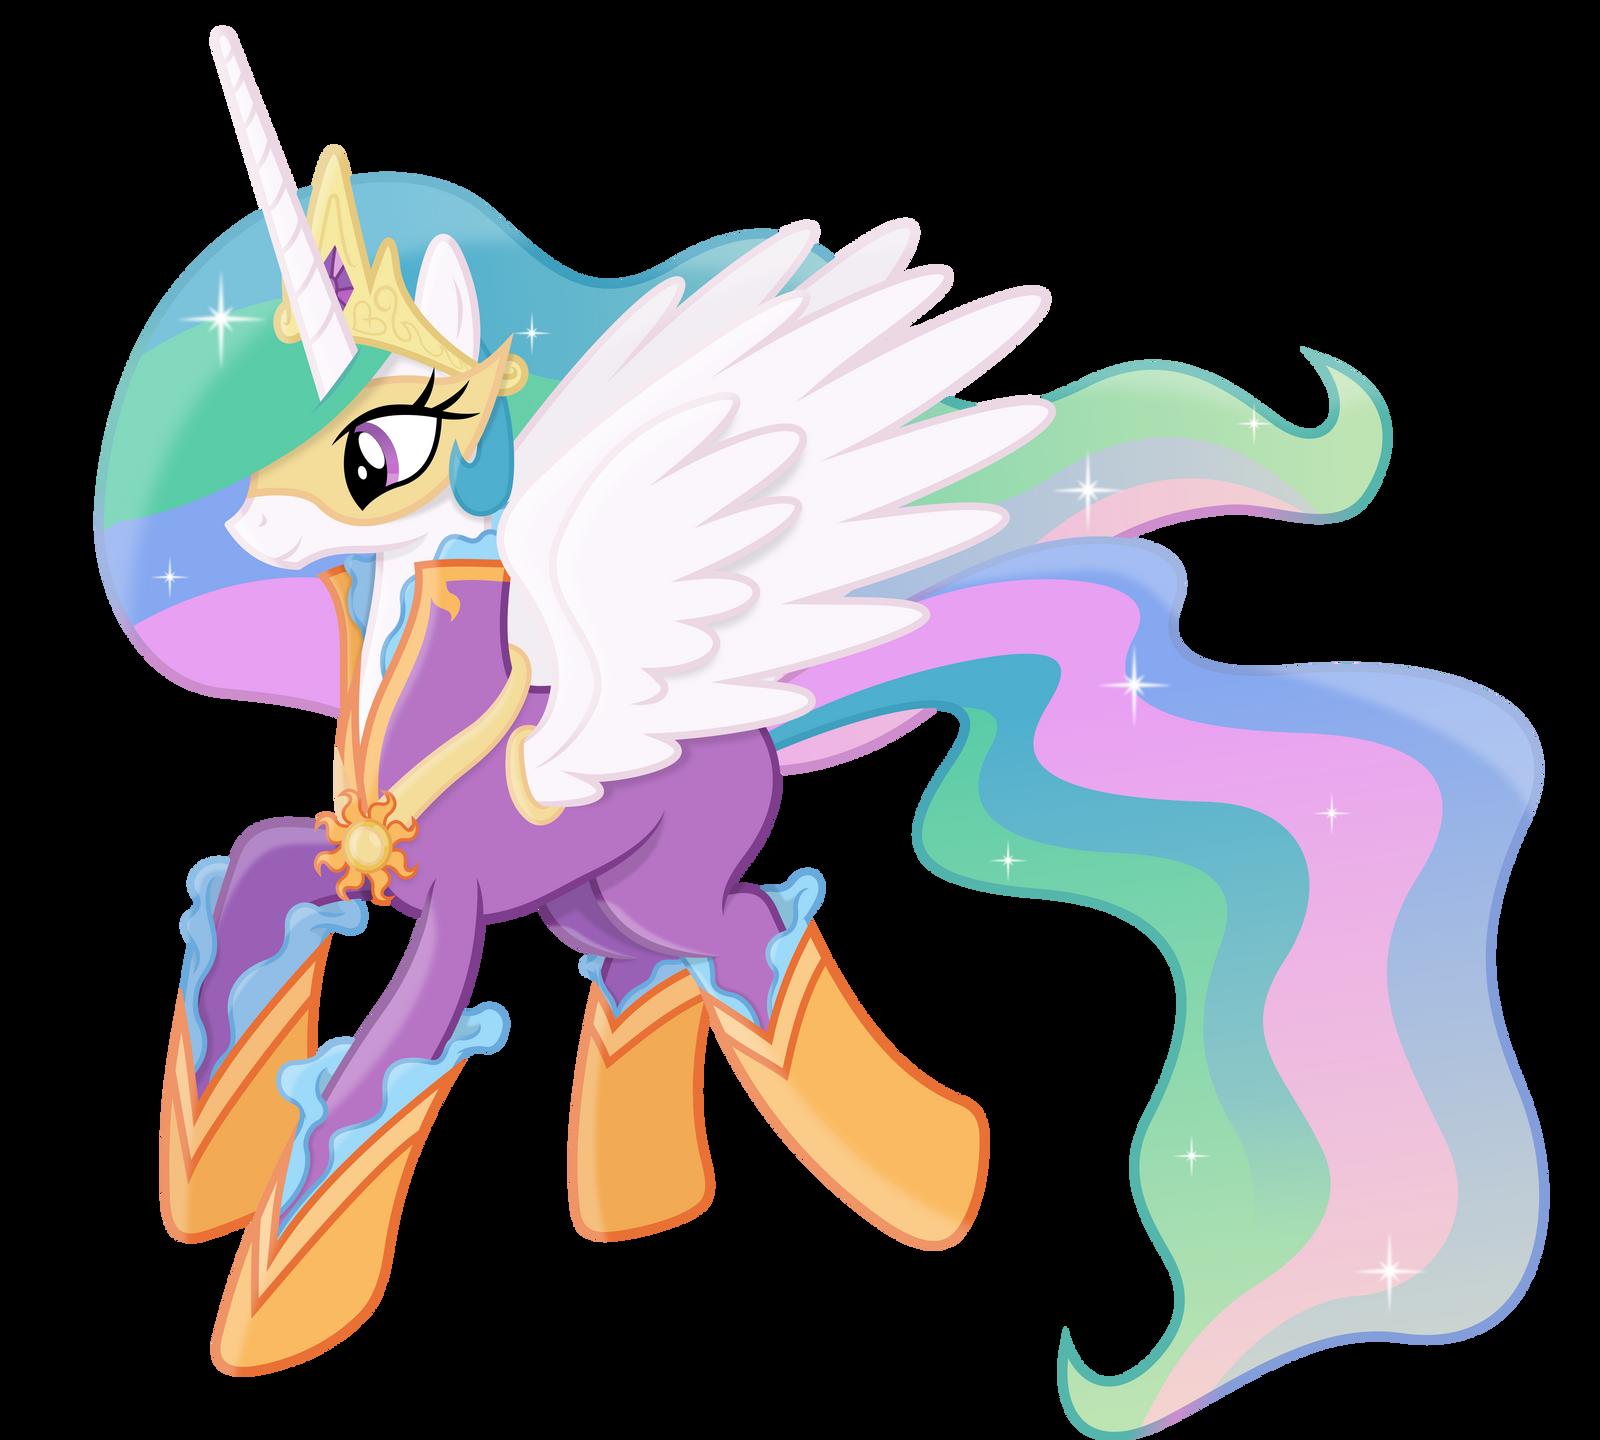 Princess Celestia As A Power Pony By 90Sigma On DeviantArt